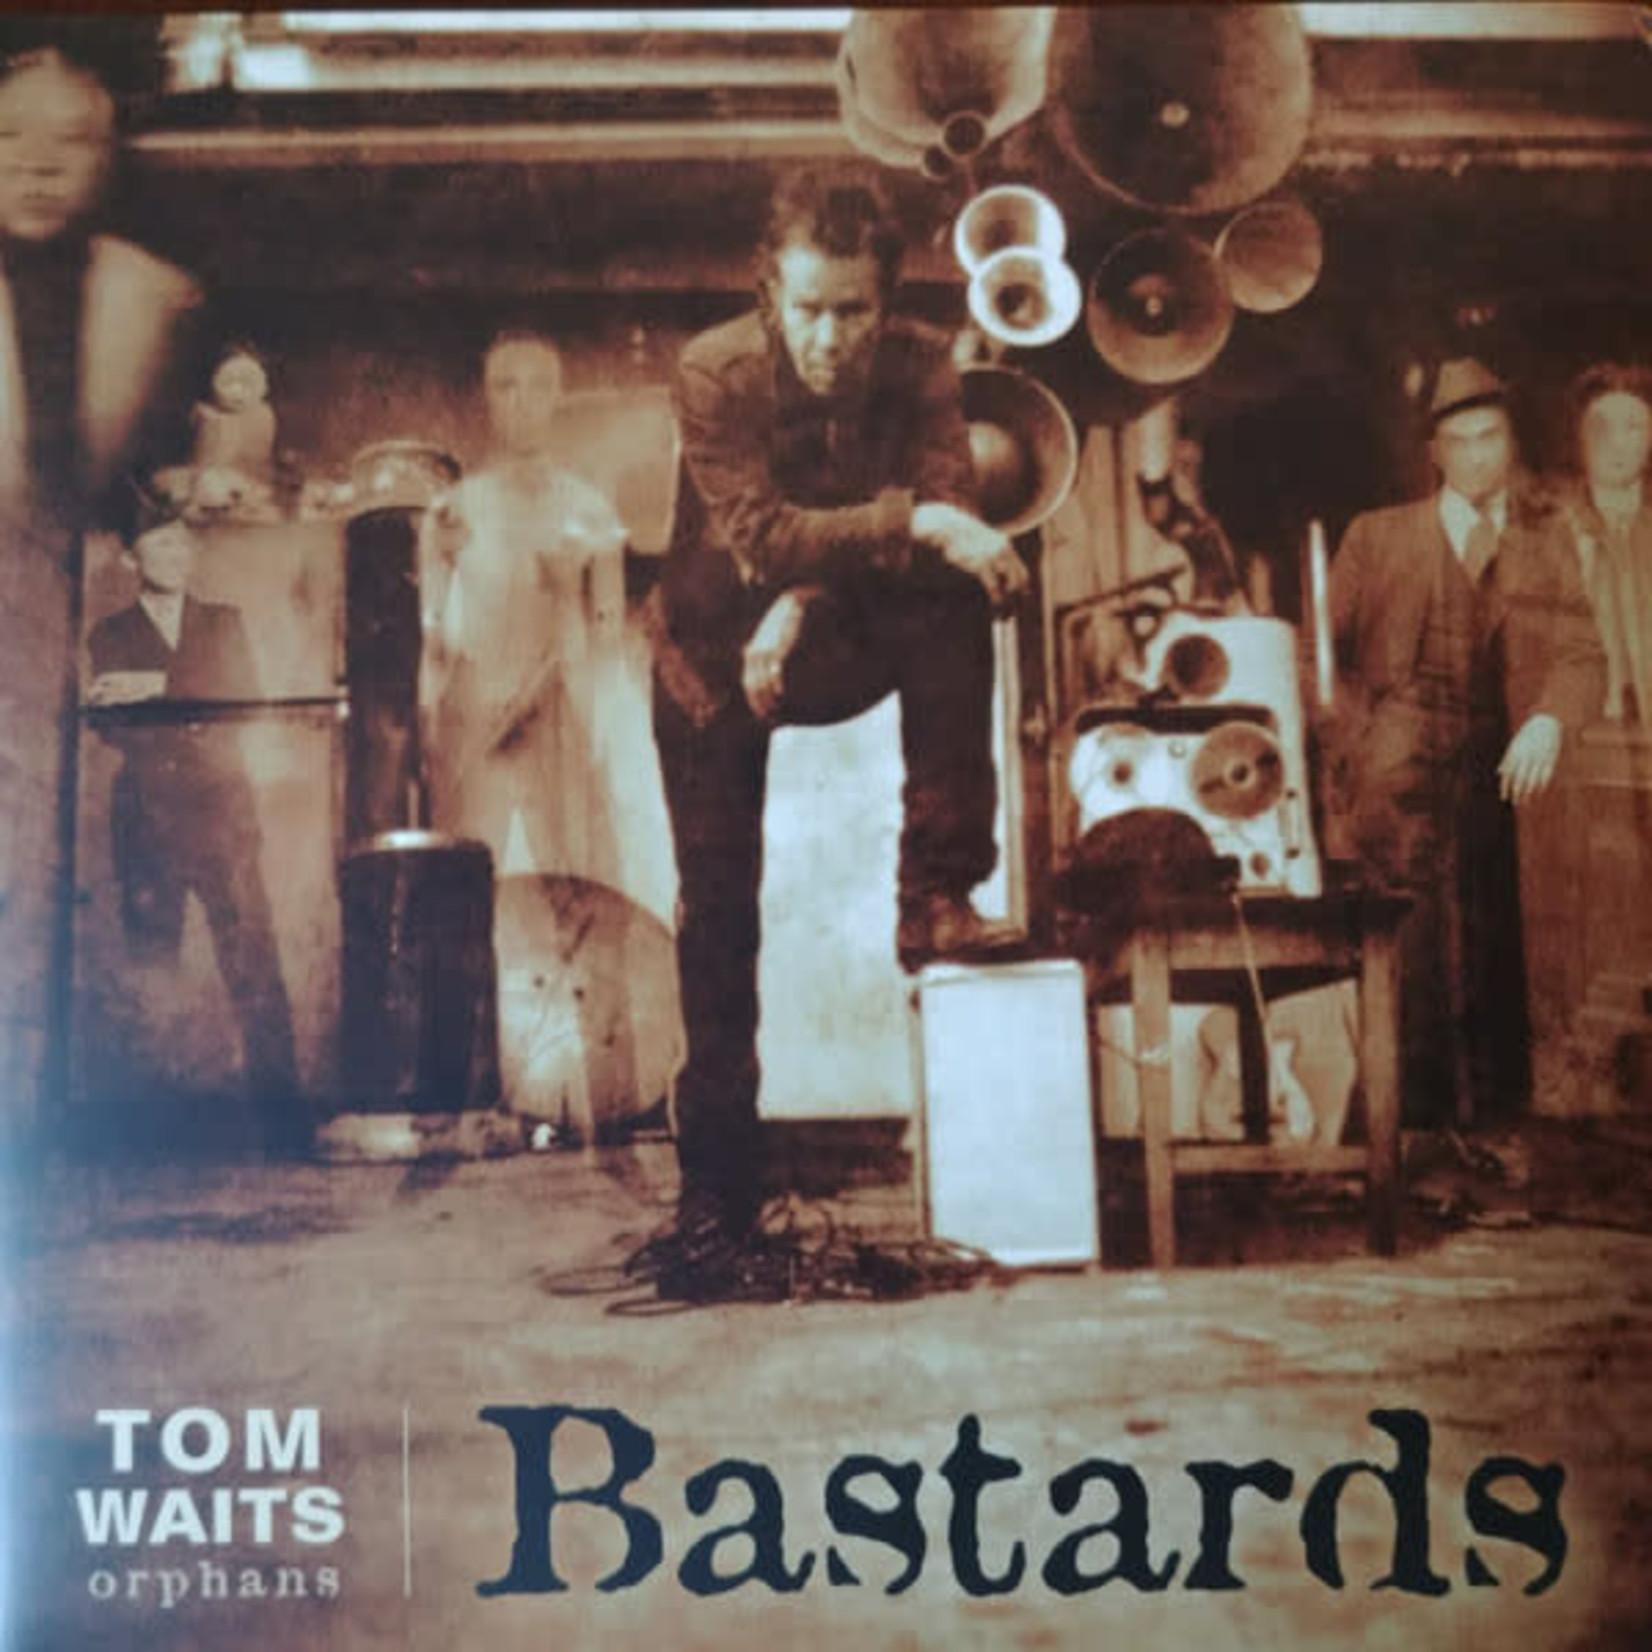 TOM WAITS BASTARDS  2LP BLACK VINYL